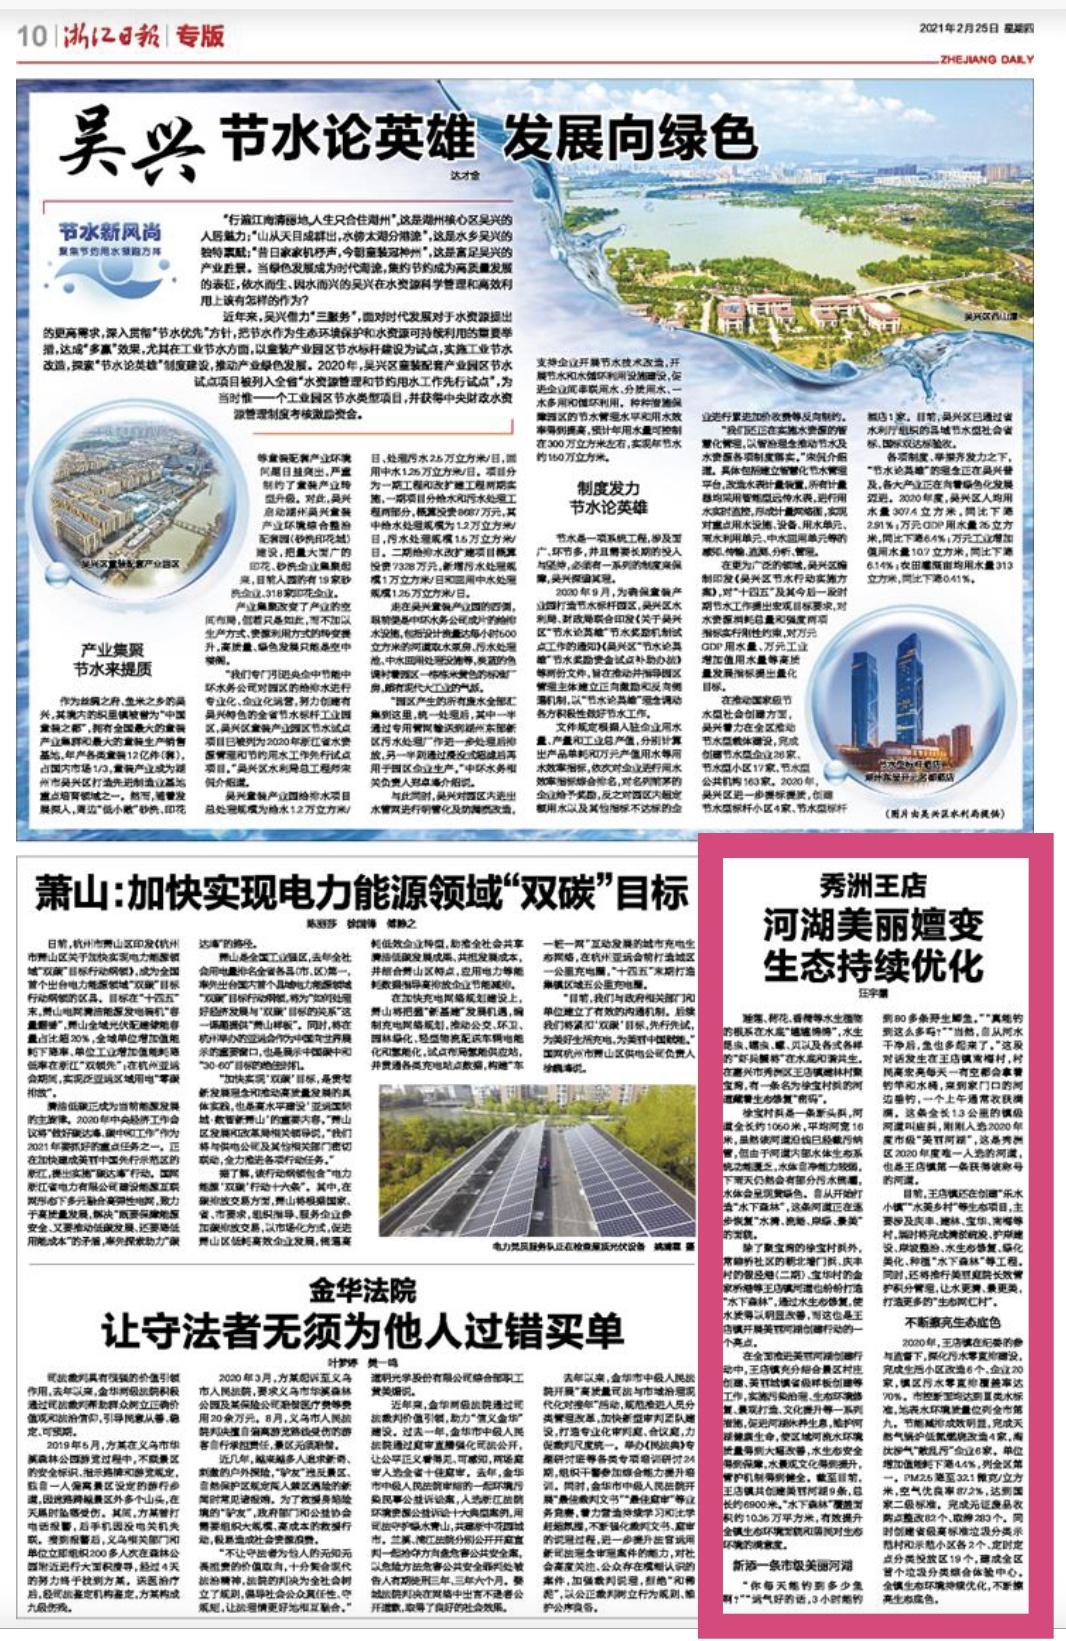 生态持续优化 浙报点赞秀洲王店河湖美丽嬗变